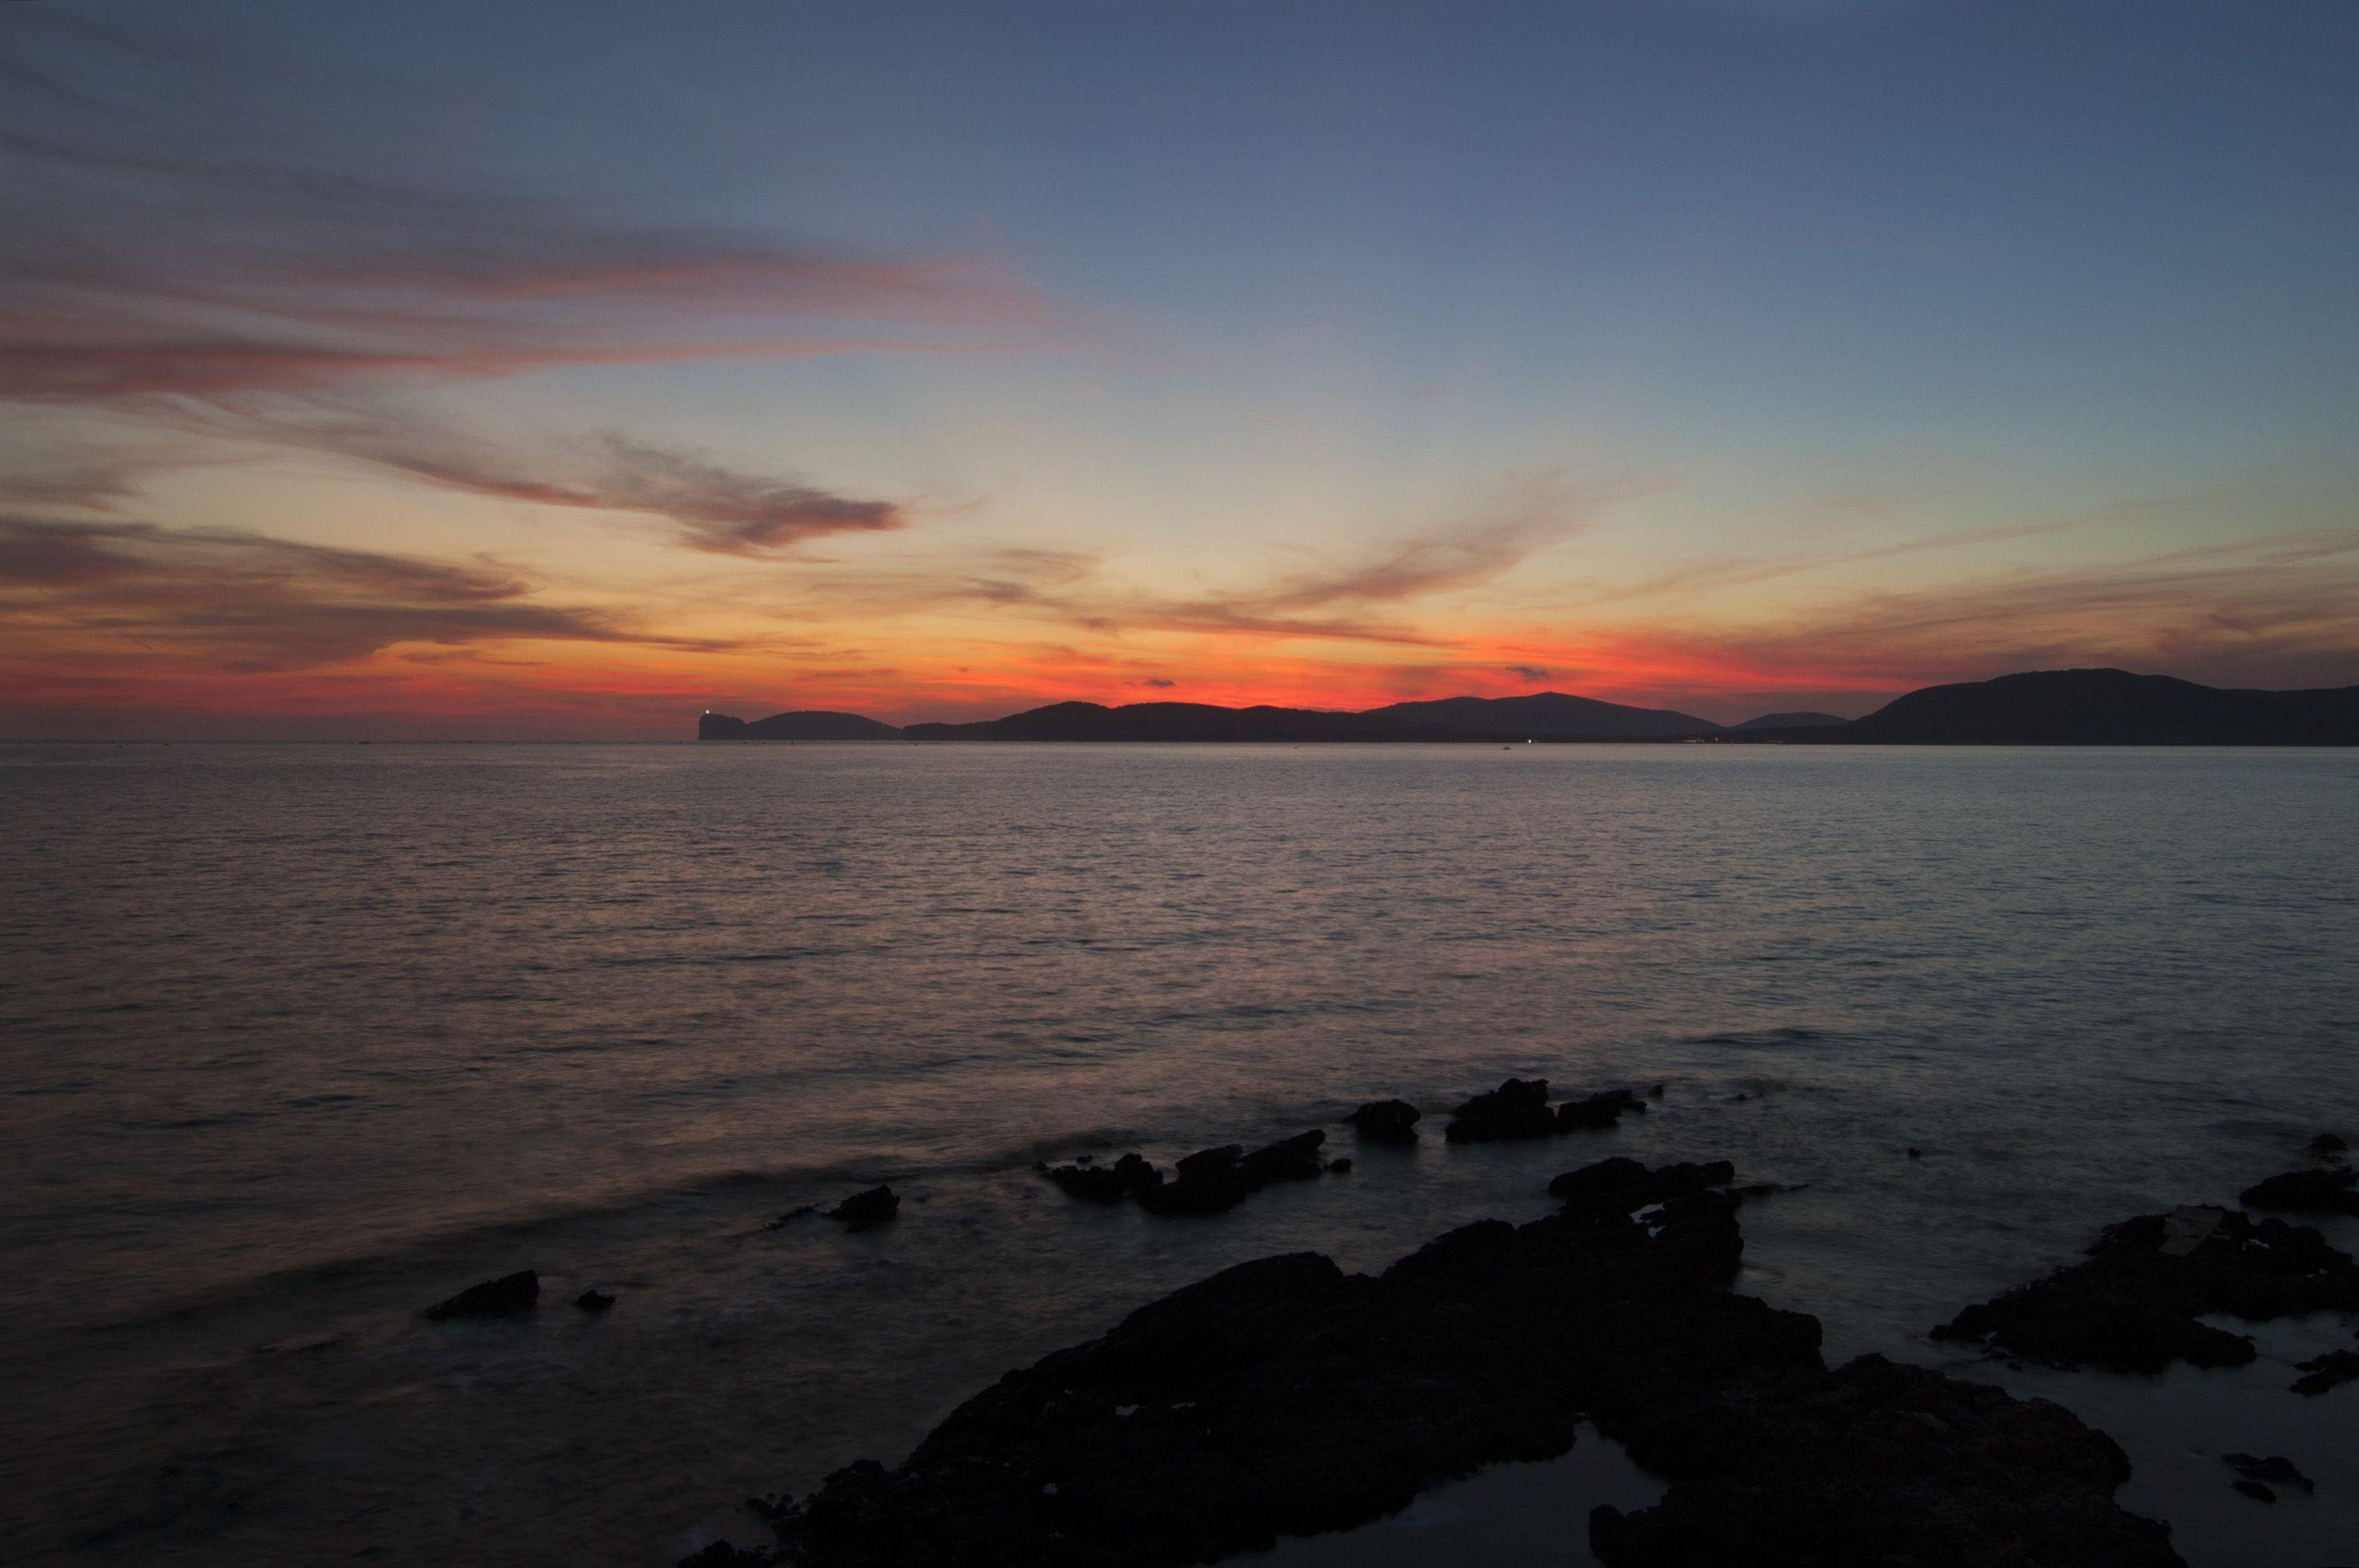 Sunset in Alghero, Sardinia